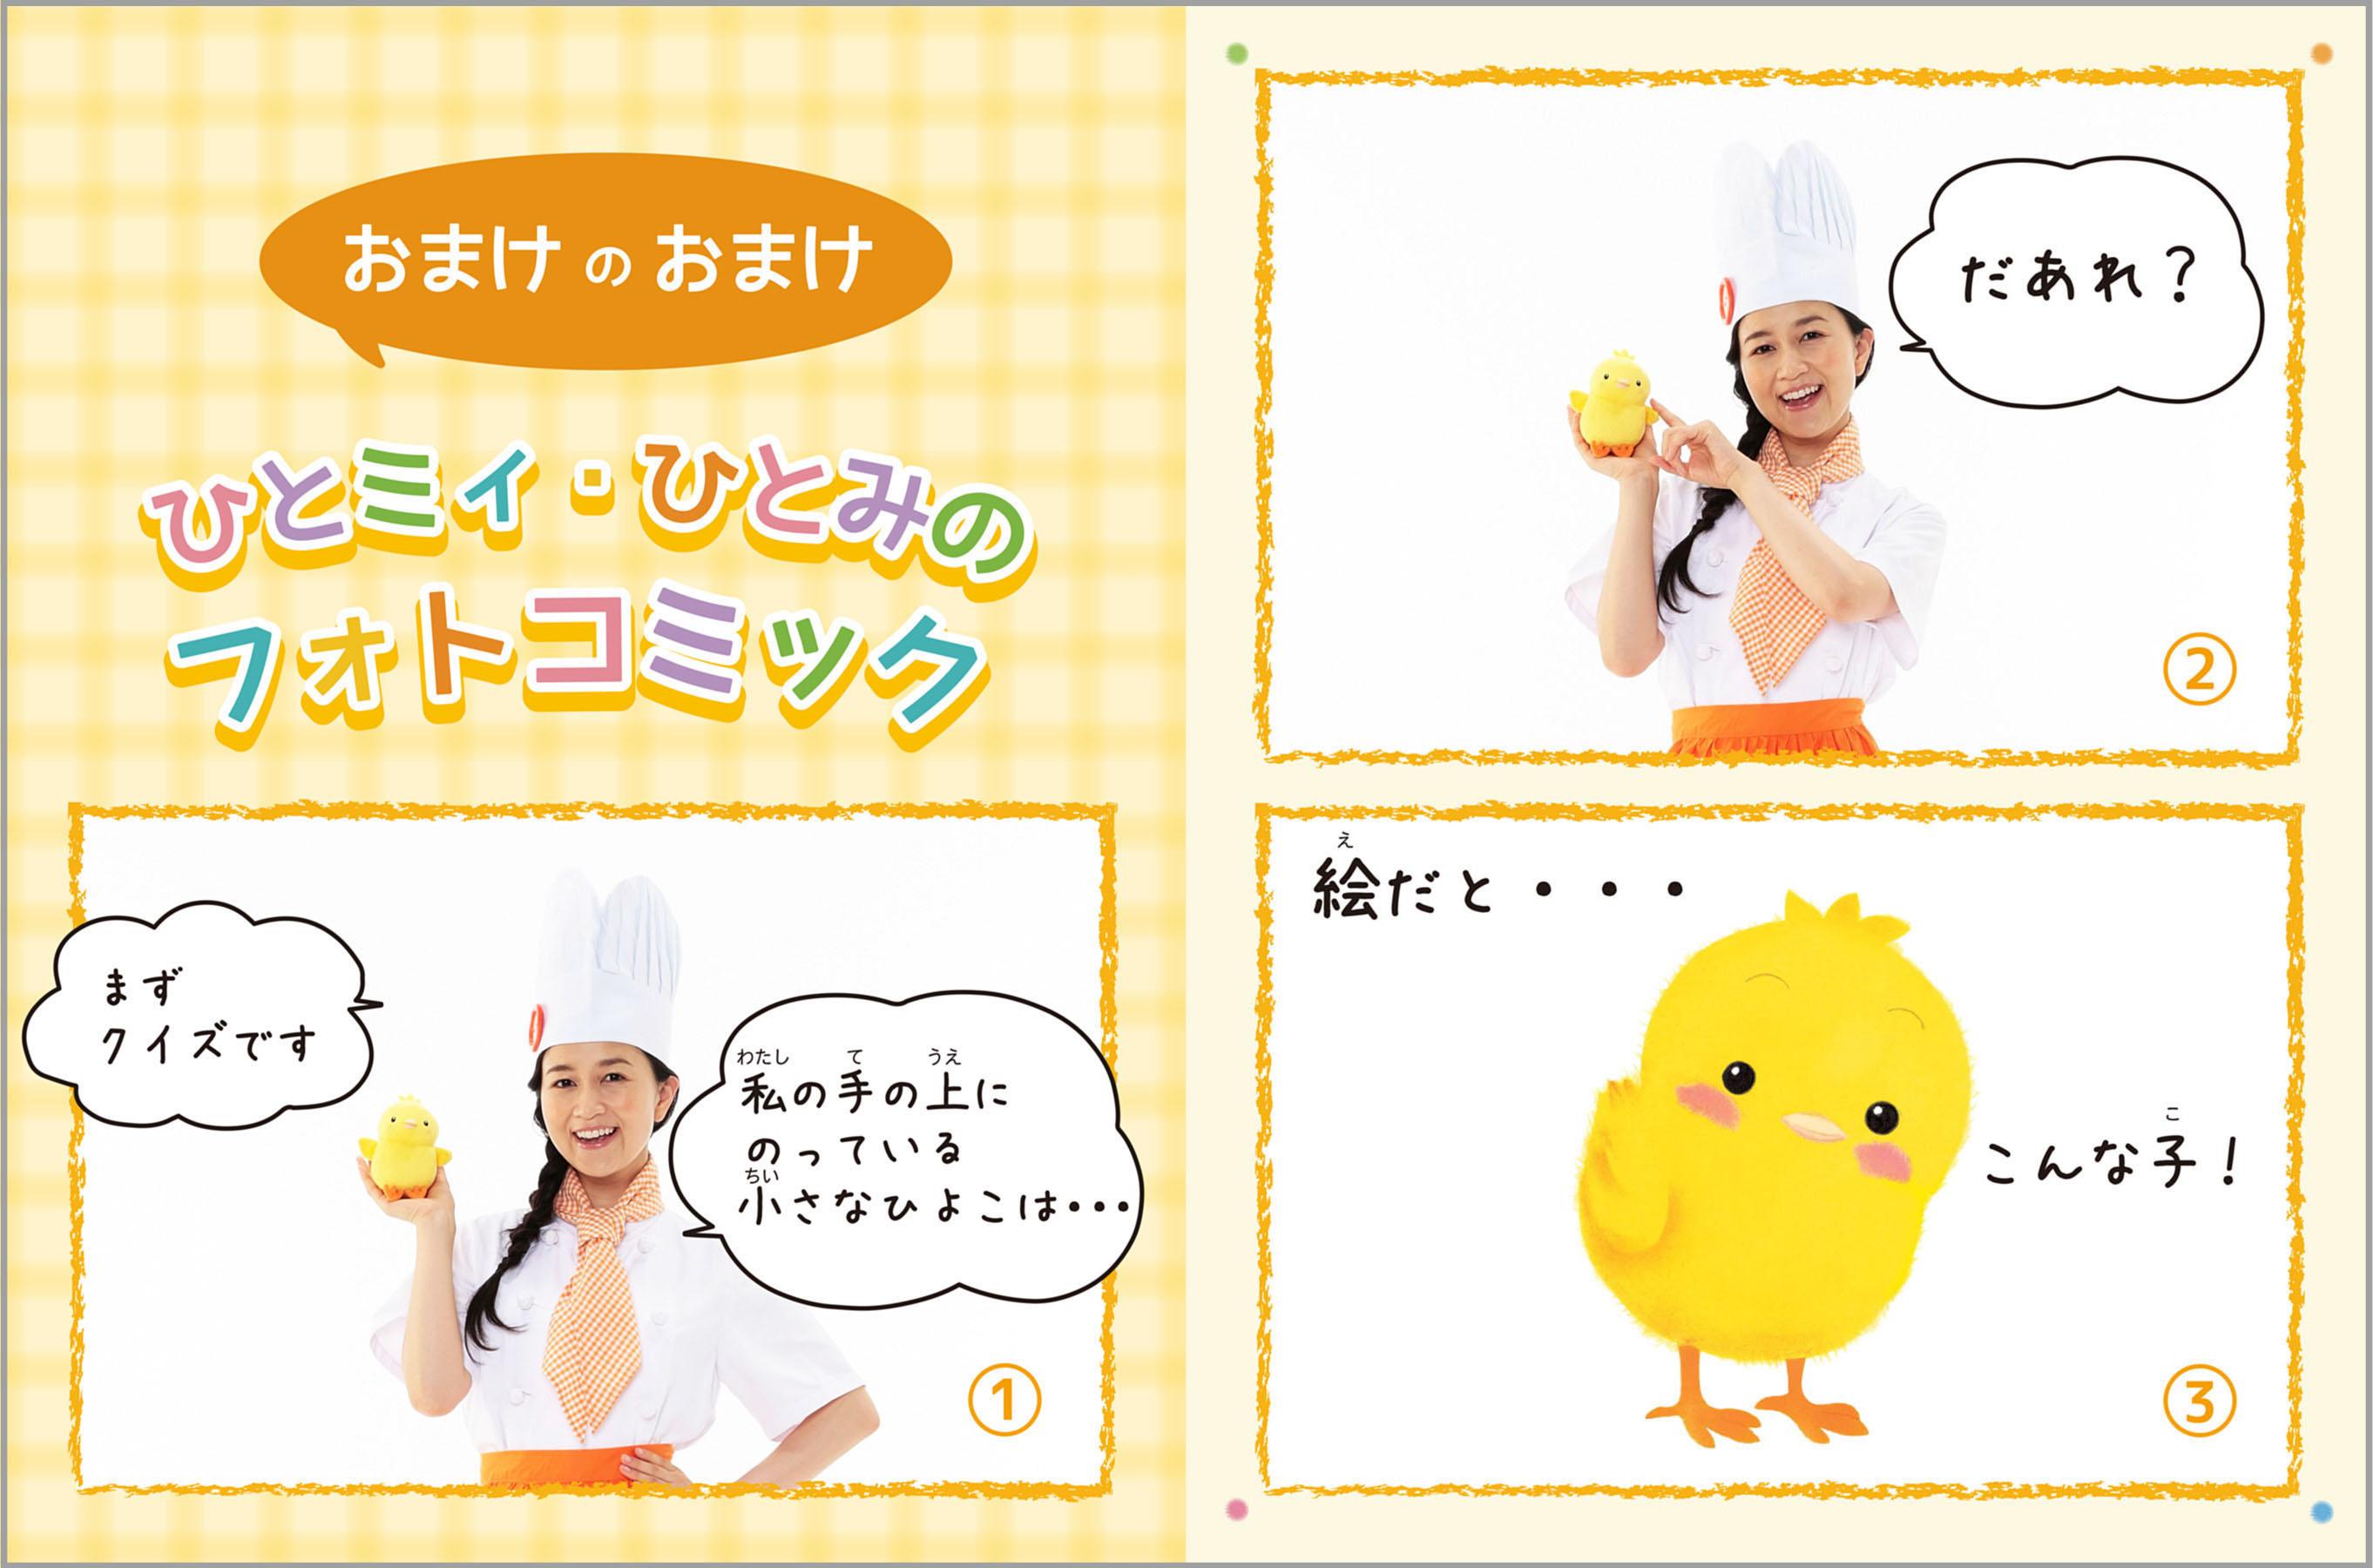 「ぴよちゃんとコラボ」電子書籍版スペシャルページ